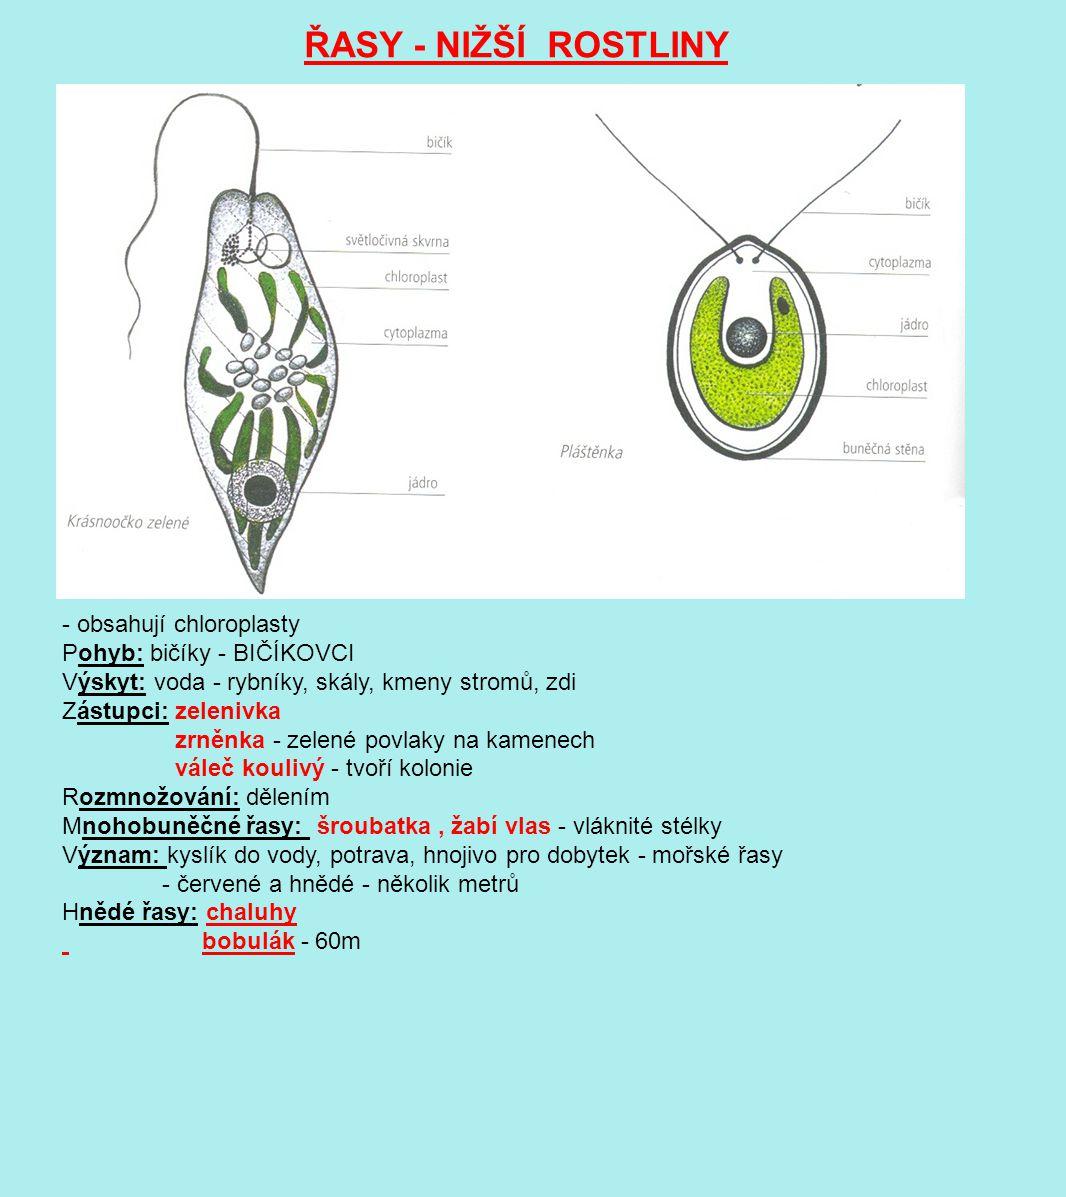 ŘASY - NIŽŠÍ ROSTLINY krásnoočko pláštěnka - obsahují chloroplasty Pohyb: bičíky - BIČÍKOVCI Výskyt: voda - rybníky, skály, kmeny stromů, zdi Zástupci